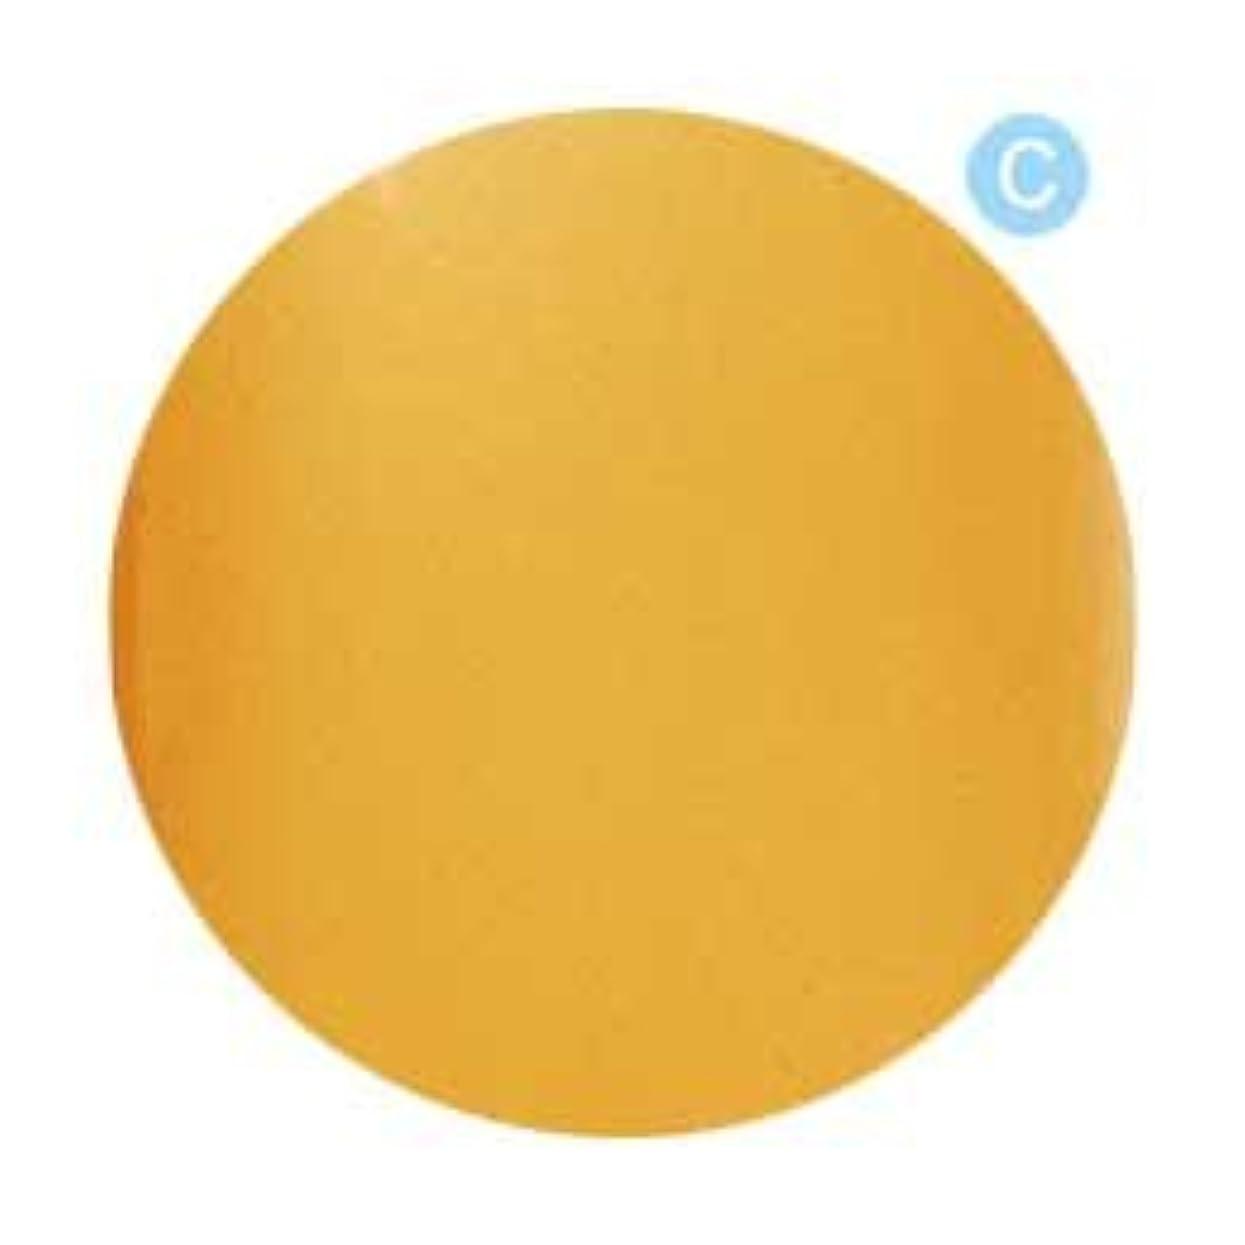 思い出す同意する見せますPalms Graceful カラージェル 3g 020 クリアオレンジ